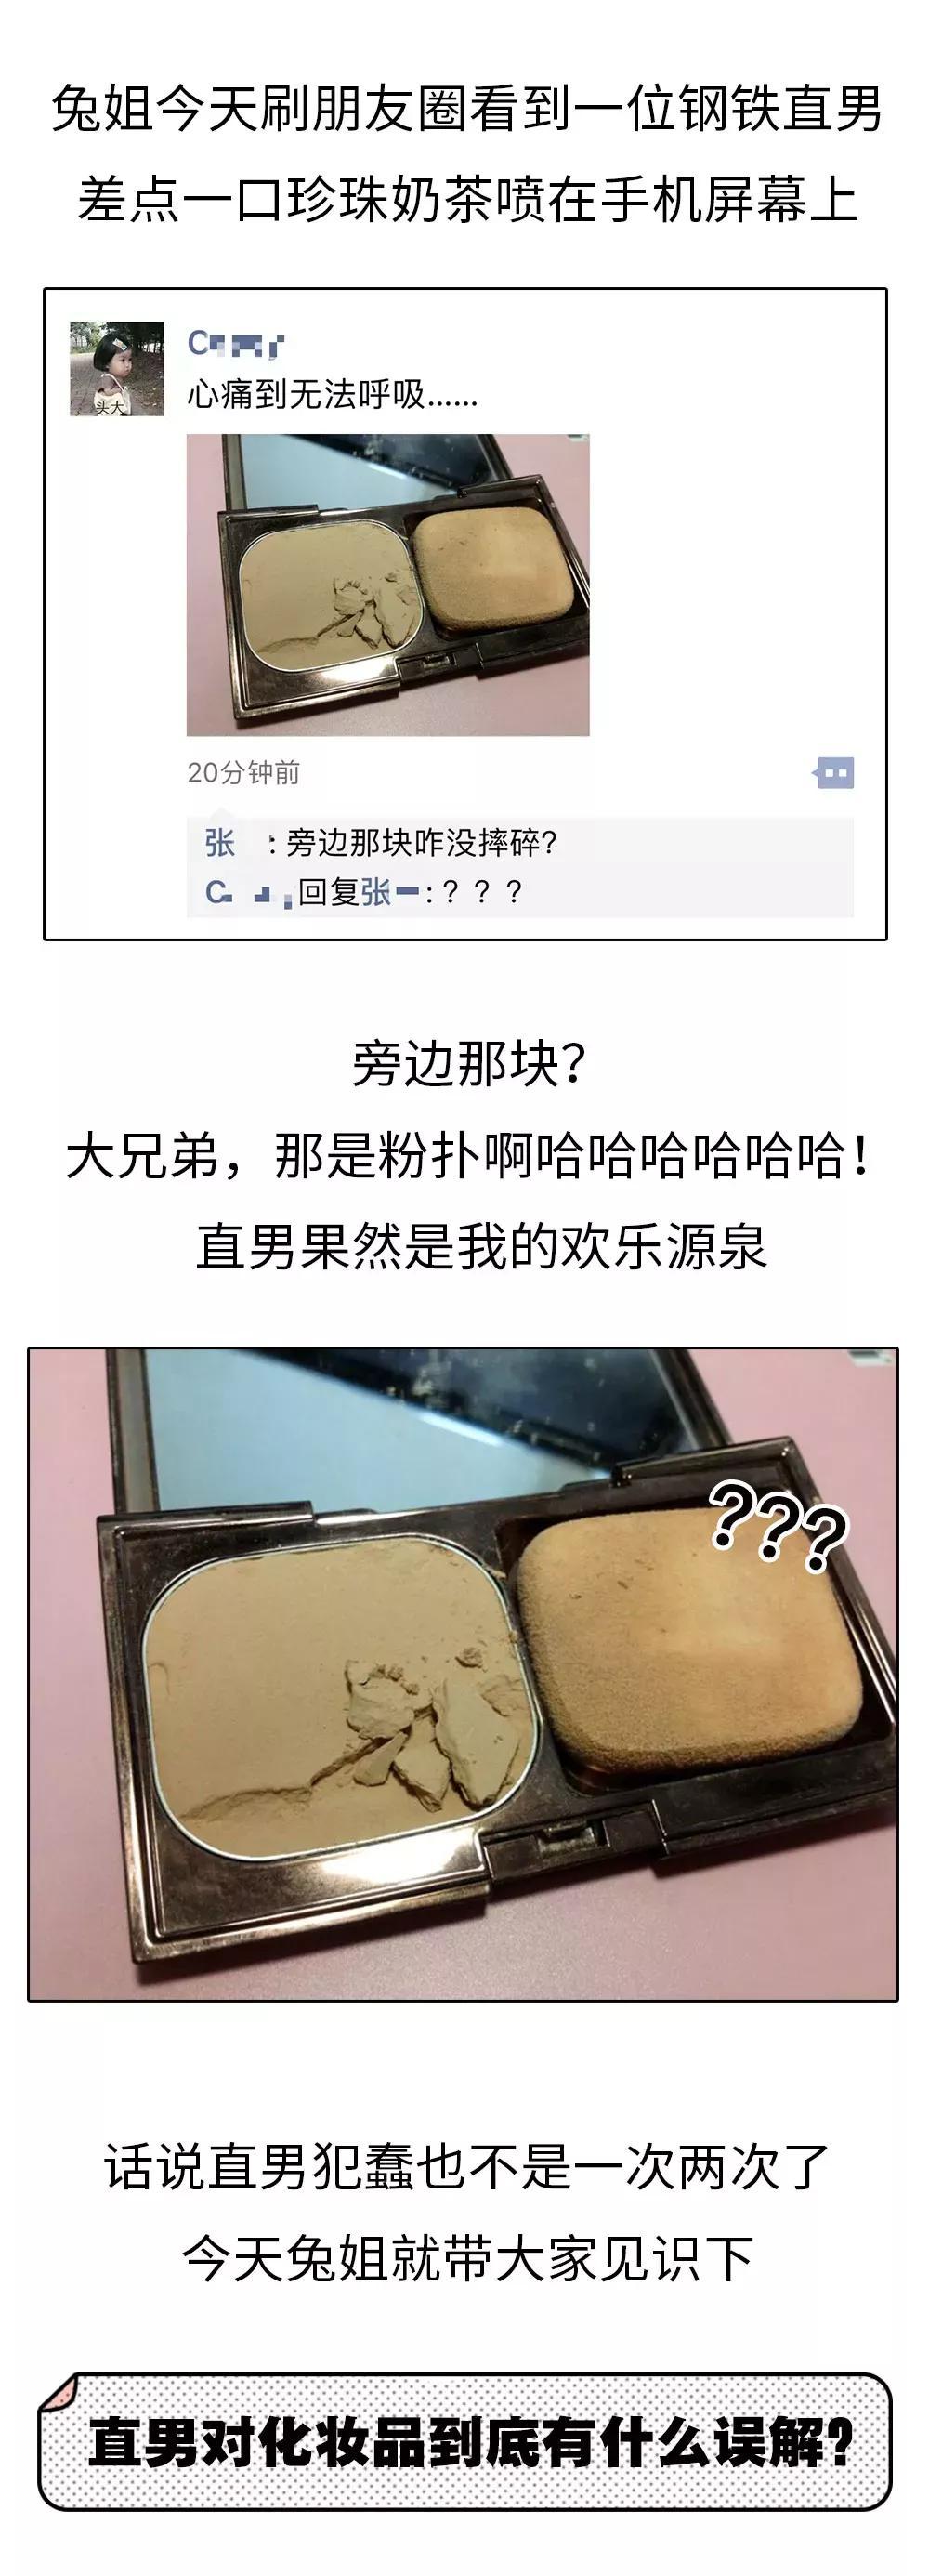 哈哈哈哈哈哈……直男怕是对化妆品有什么了不得的误会